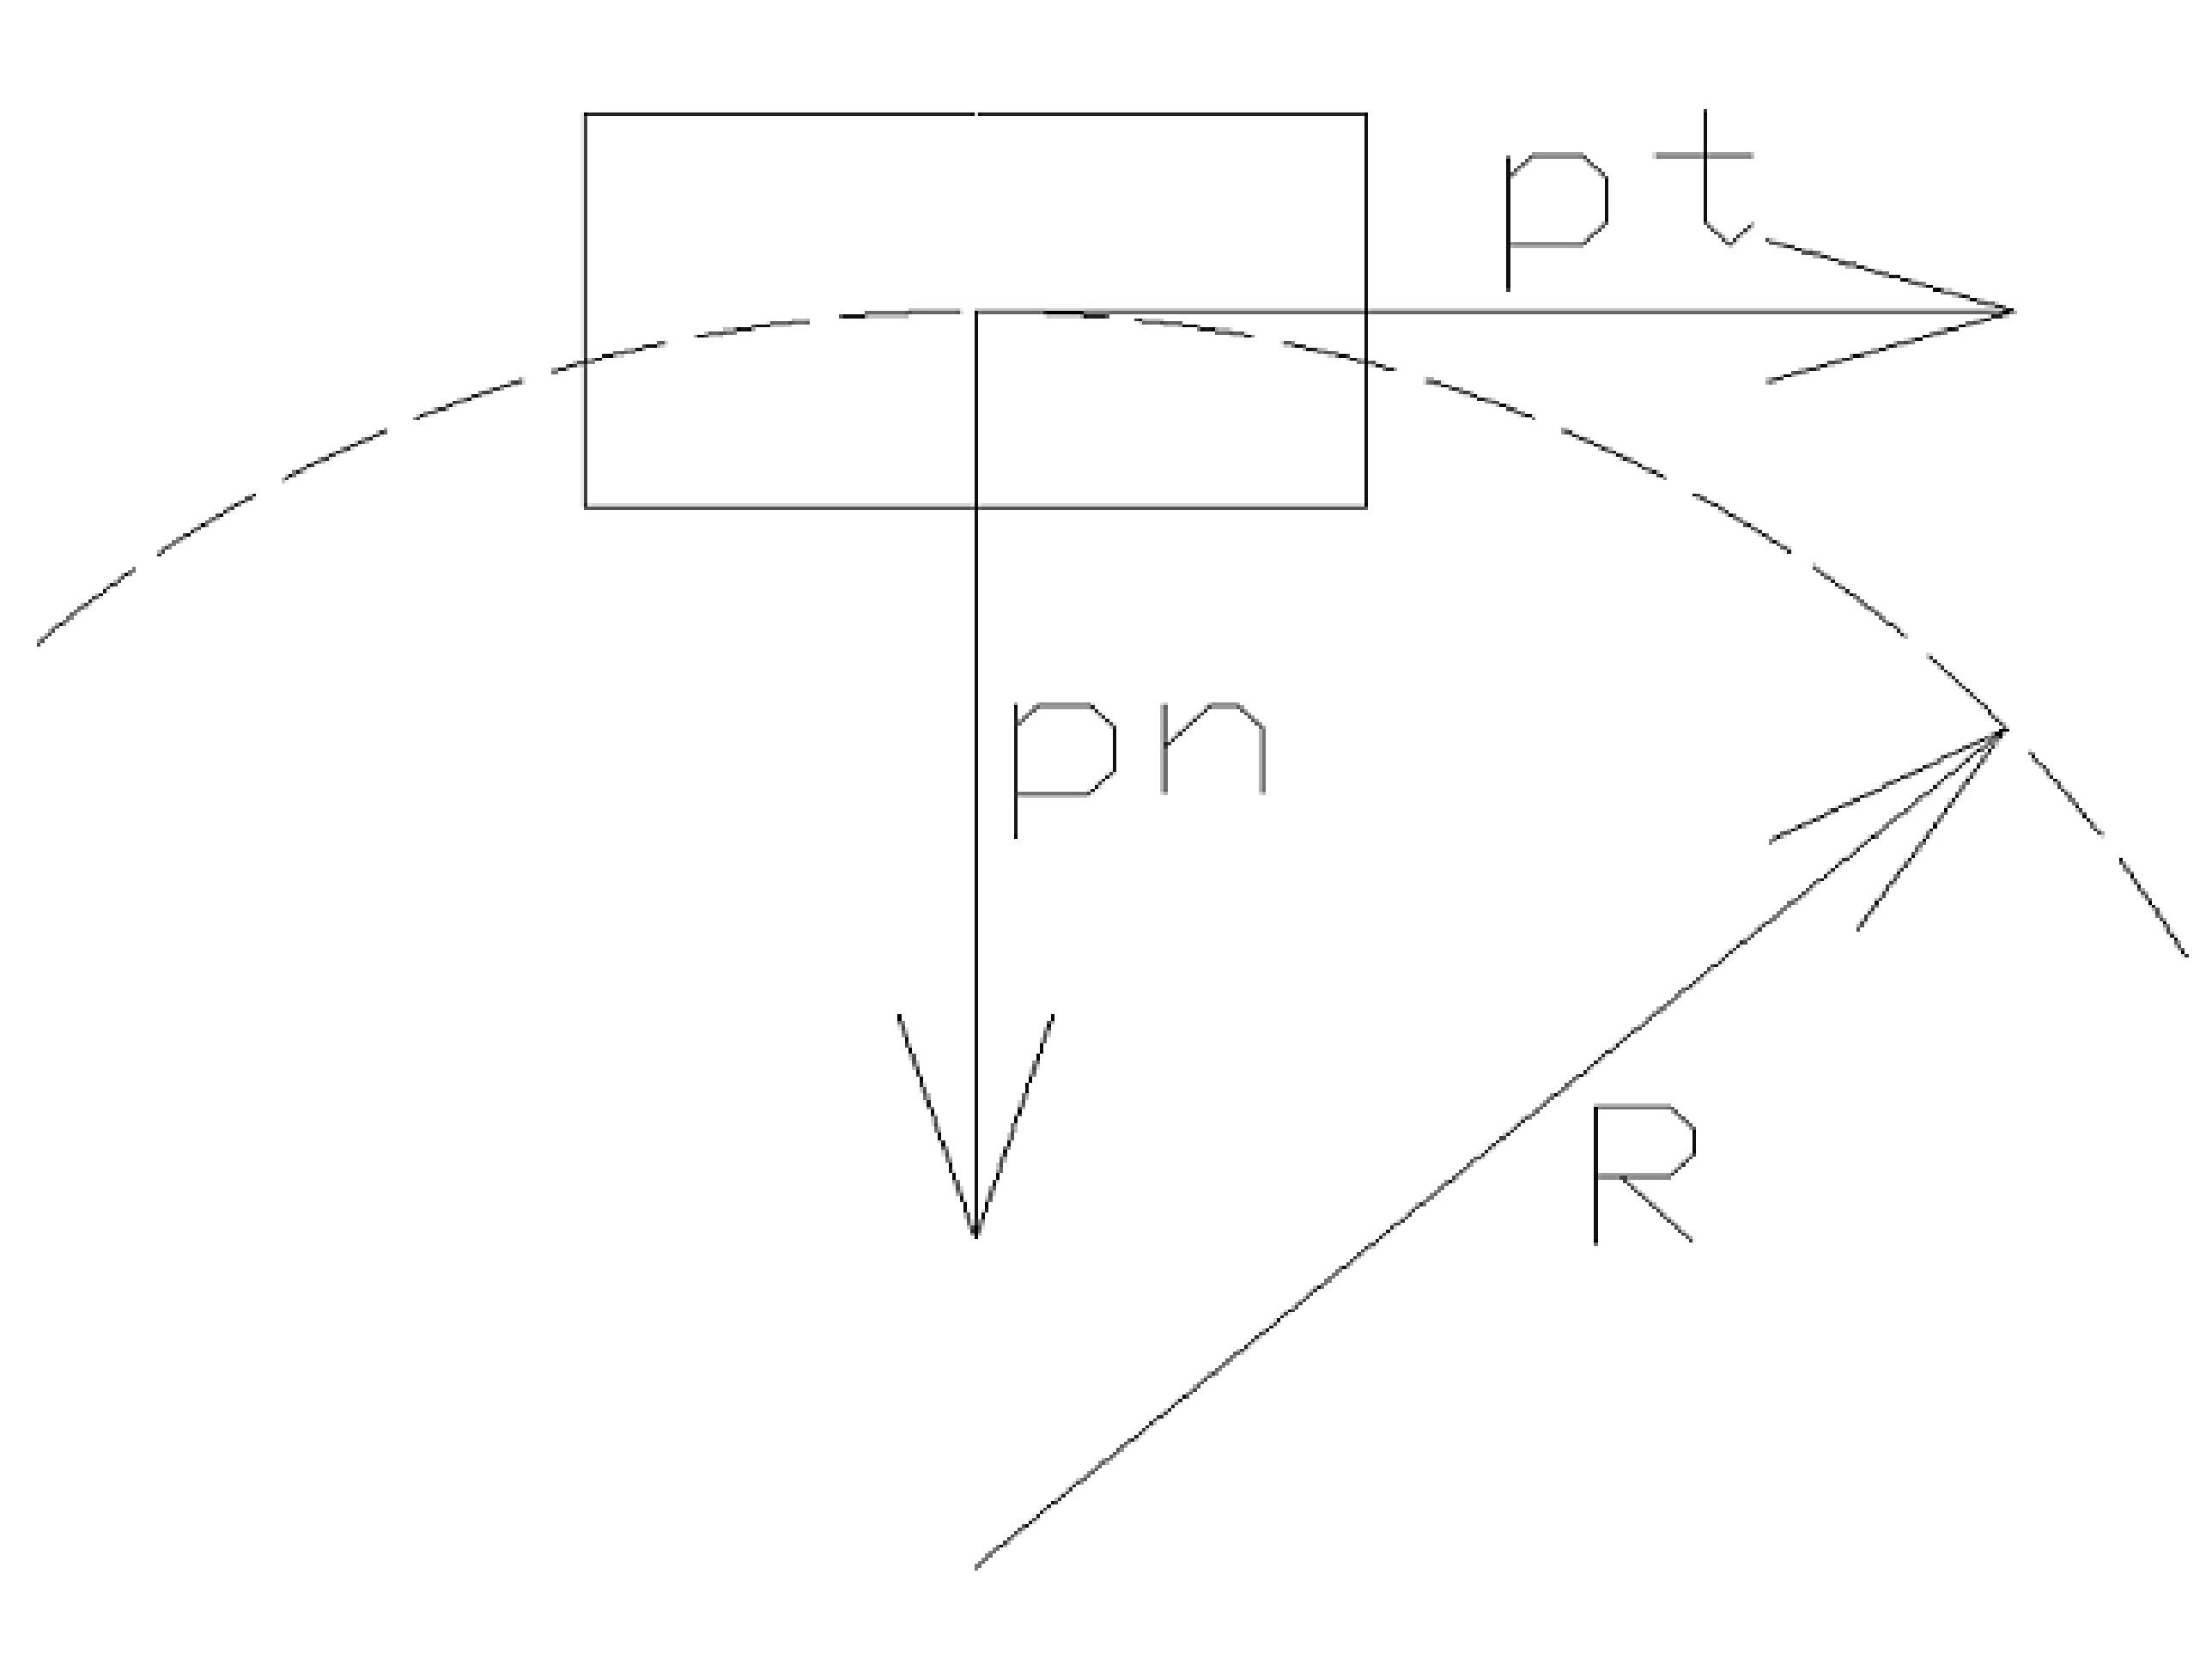 kinematyka3 - Przyspieszenie styczne i normalne w ruchu po okręgu - kinematyka